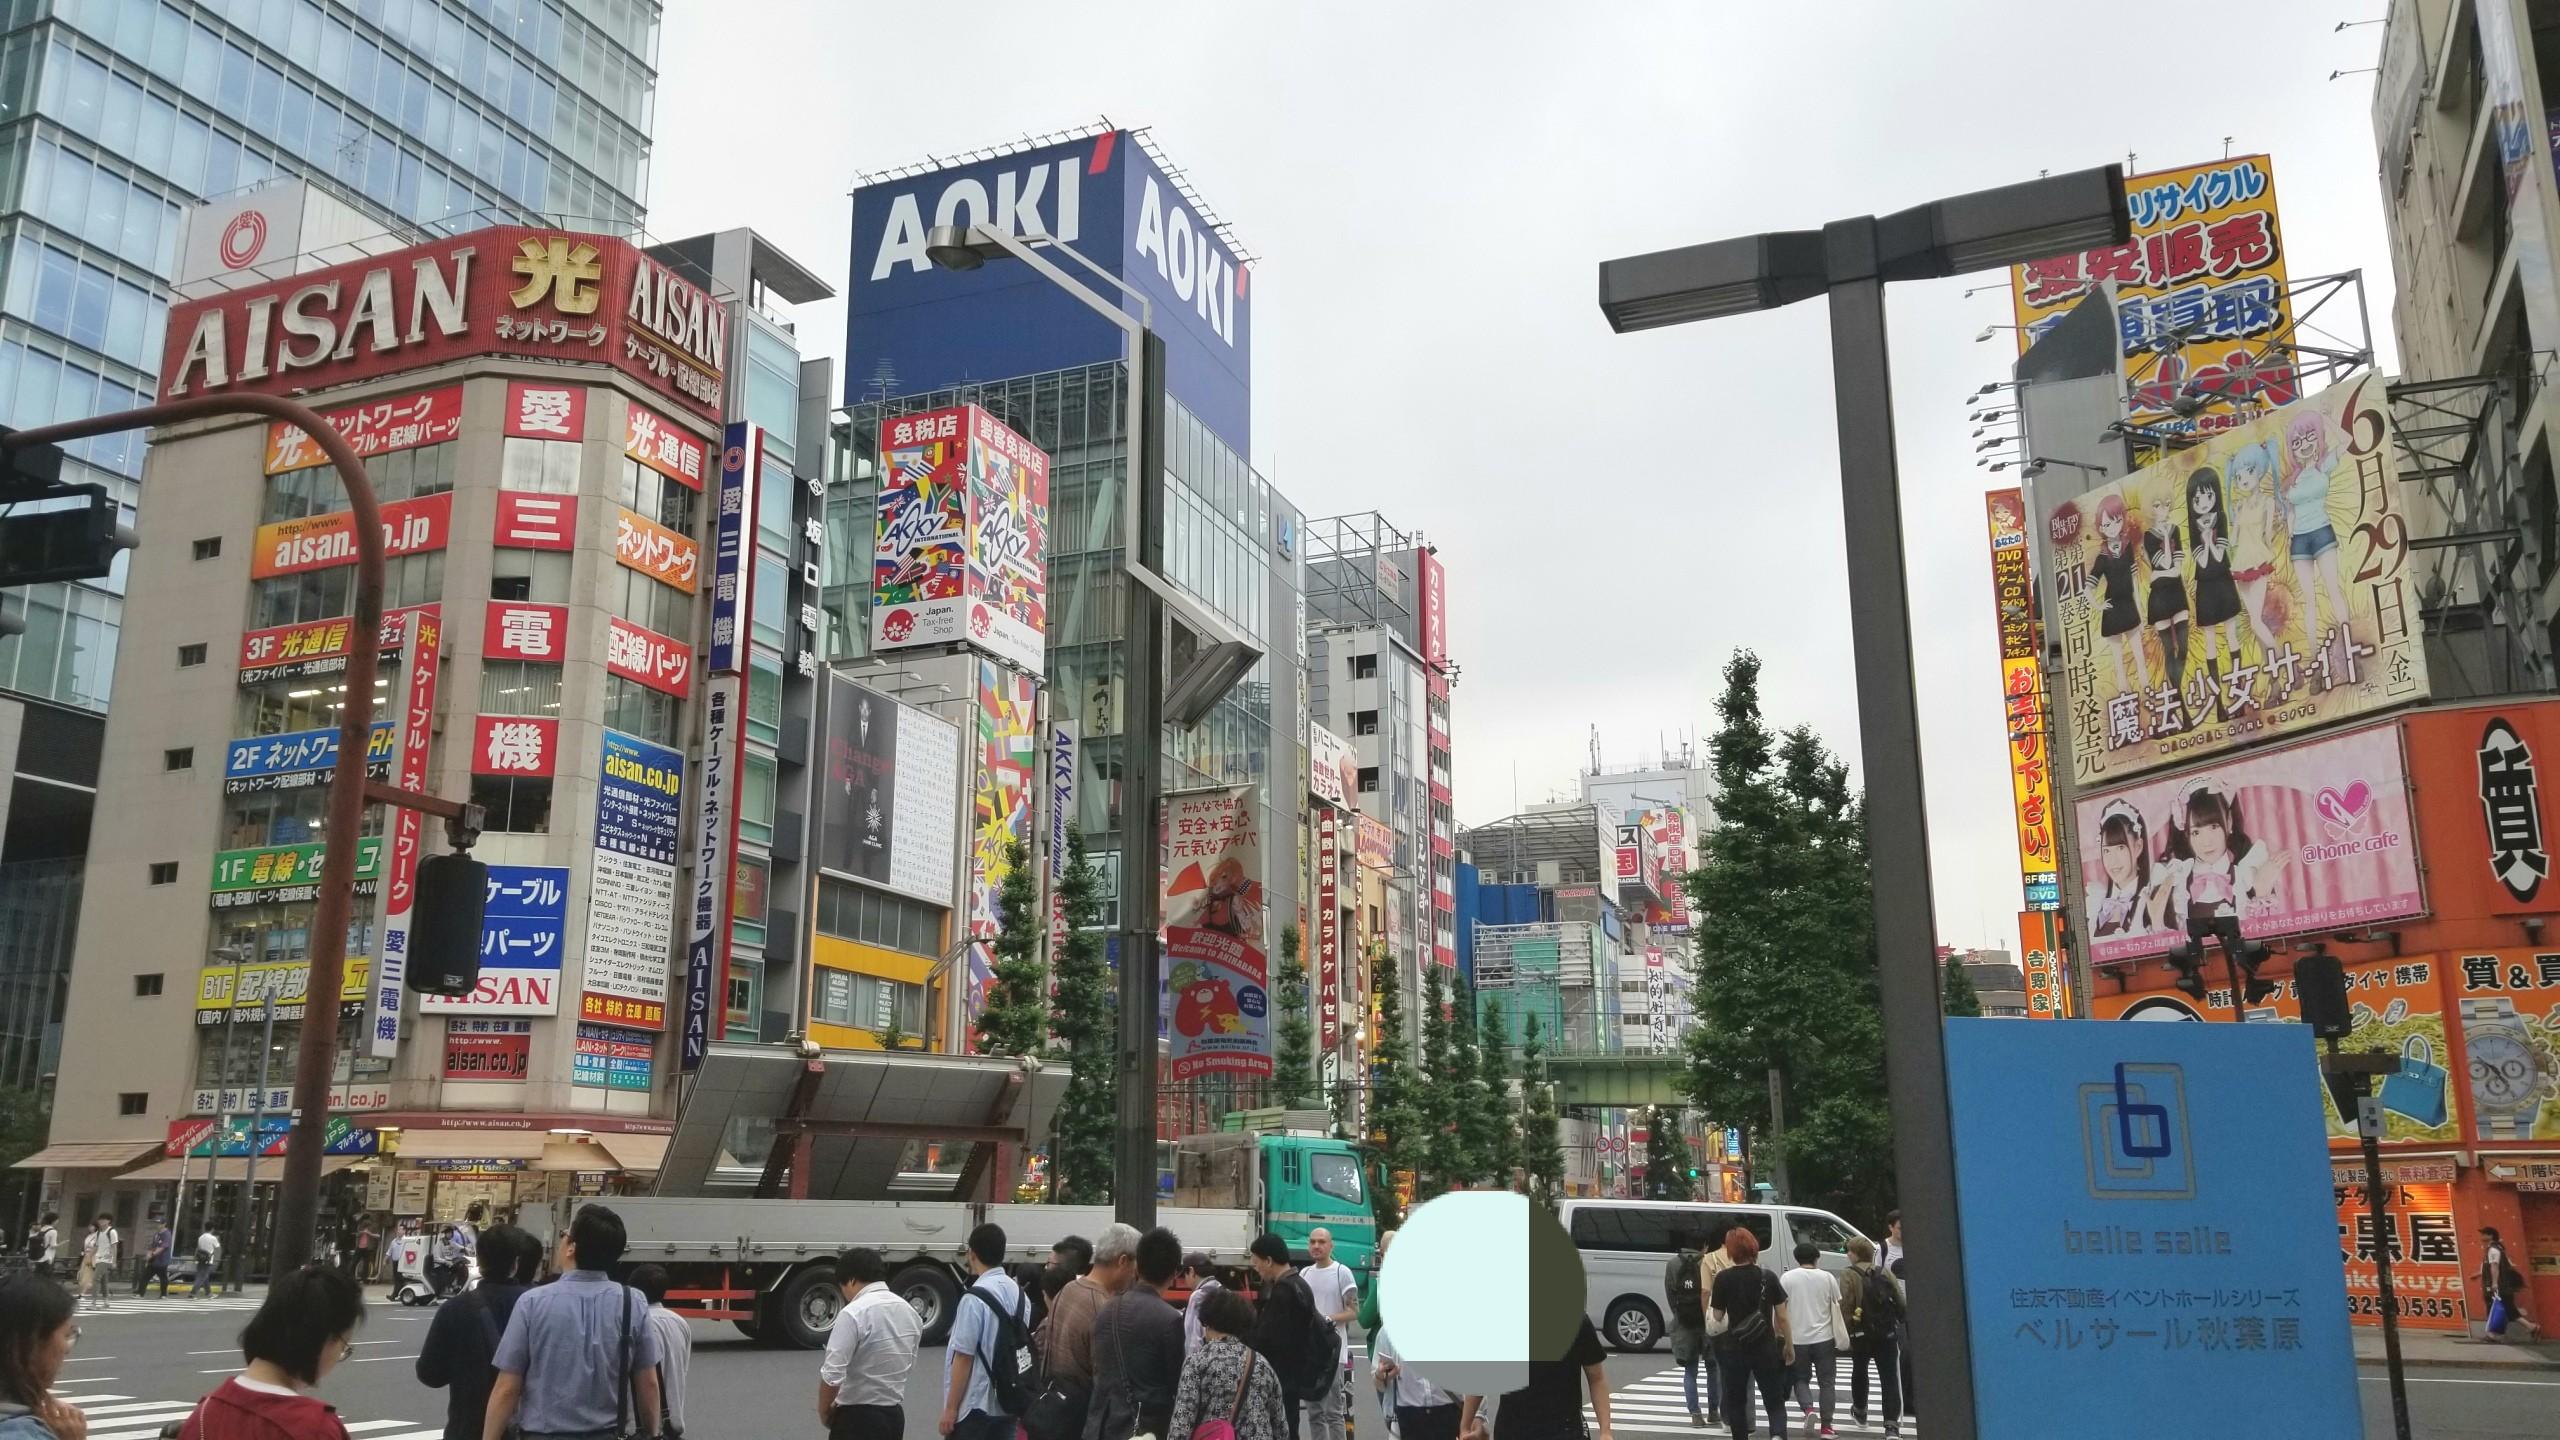 秋葉原探索,ドール探し,オタクの聖地,東京観光,沼巡り,散策